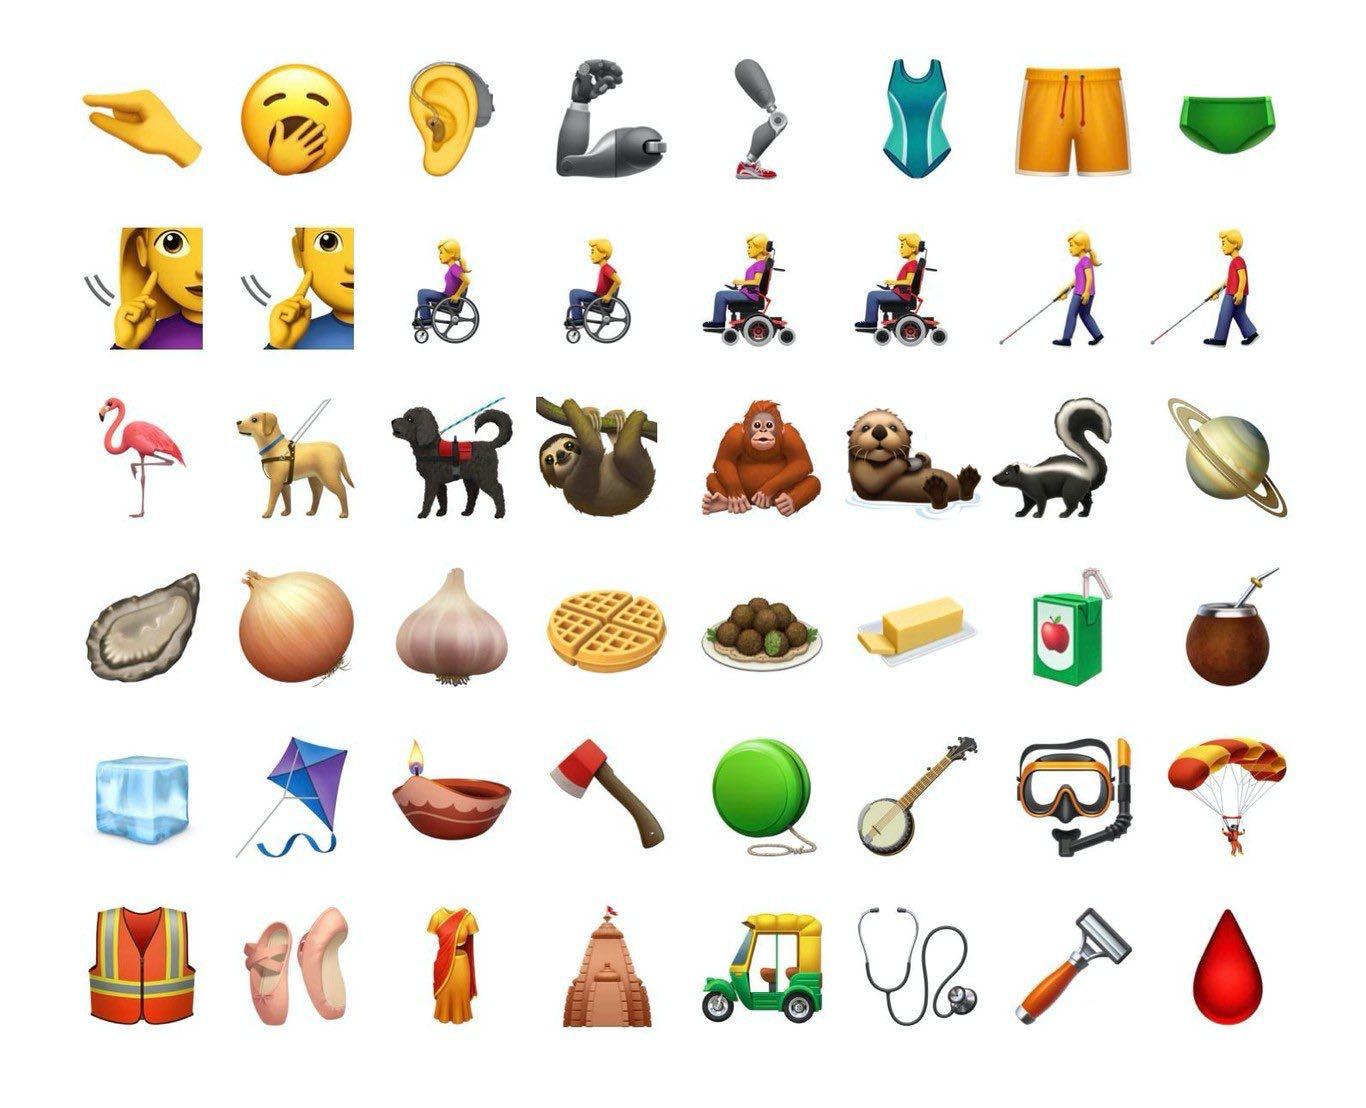 El emoji del mate ya está disponible para iOS y algunos usuarios de Android.